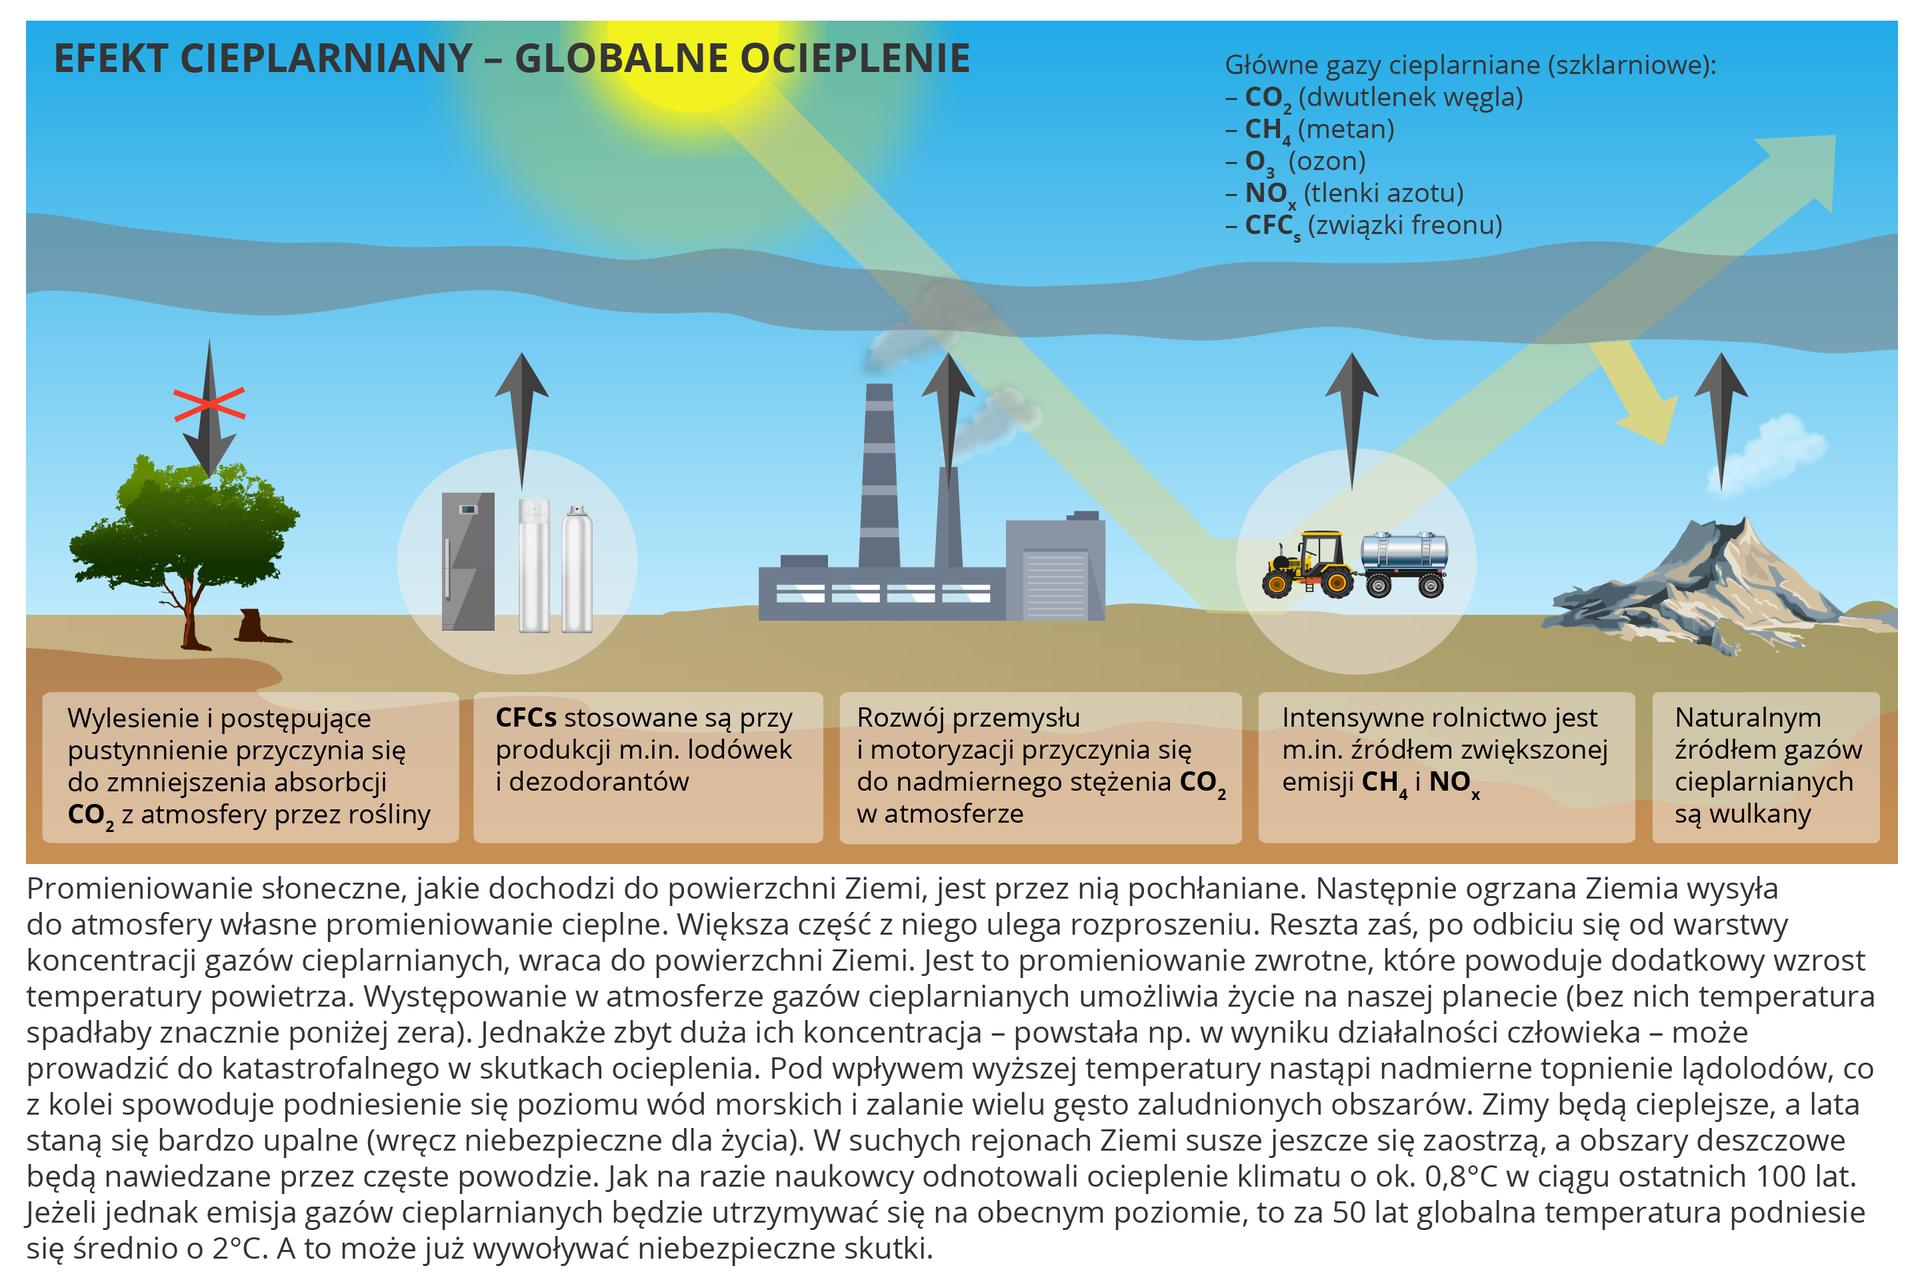 Na ilustracji rysunek iopis na temat efektu cieplarnianego iwynikającego zniego globalnego ocieplenia. Schematycznie przedstawiono elementy wpływające na zwiększenie ilości gazów cieplarnianych: drzewo – niszczenie lasów, zmniejszenie absorpcji dwutlenku węgla zatmosfery, lodówka – związki freonu, kominy – rozwój przemysłu, nadmiar dwutlenku węgla watmosferze, ciągnik – intensywne rolnictwo, zwiększona emisja tlenków azotu imetanu, wulkan – naturalne źródło gazów cieplarnianych.